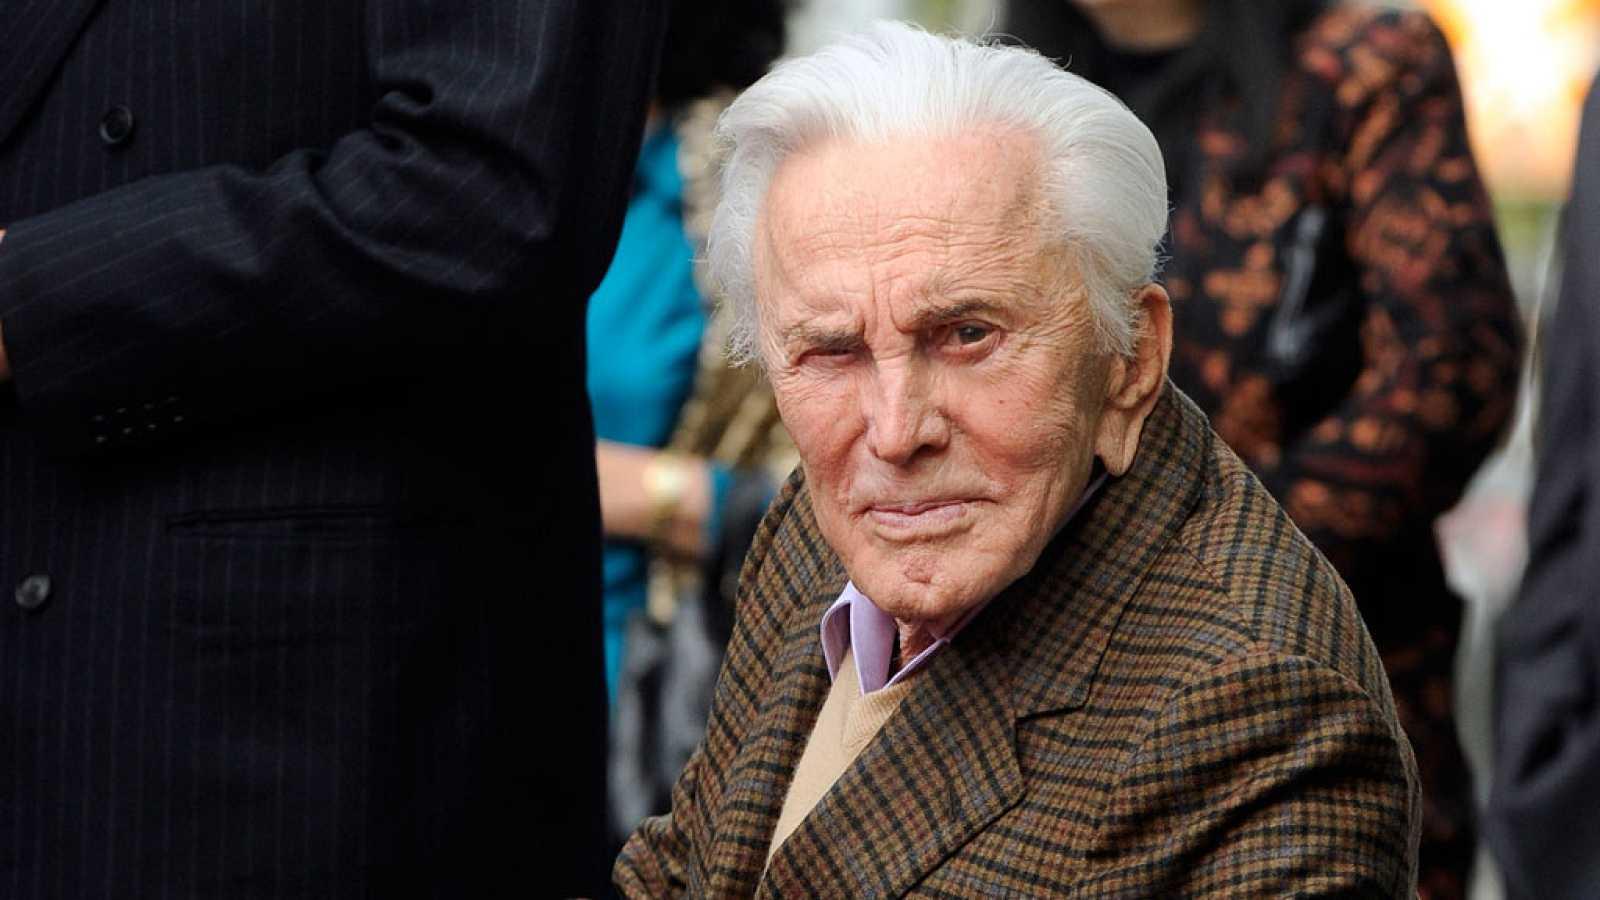 Muere el actor Kirk Douglas a los 103 años de edad